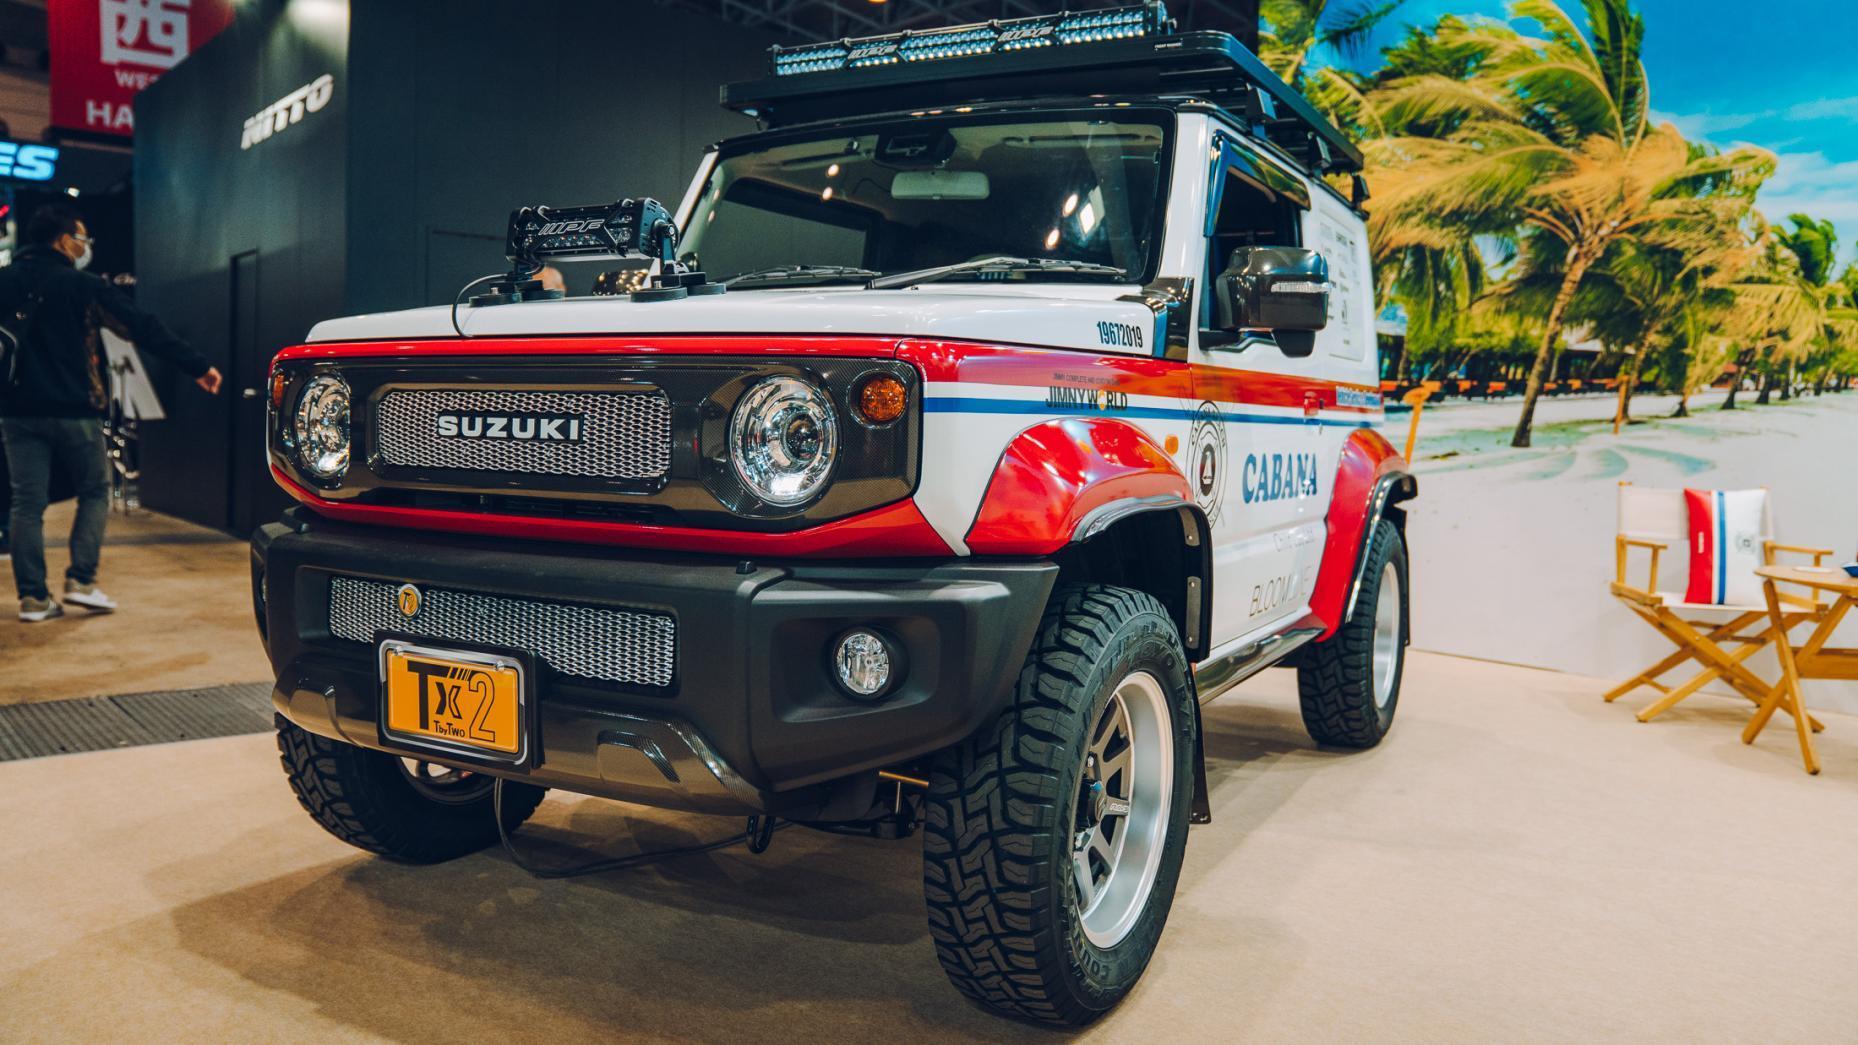 Suzuki Jimny Cabana